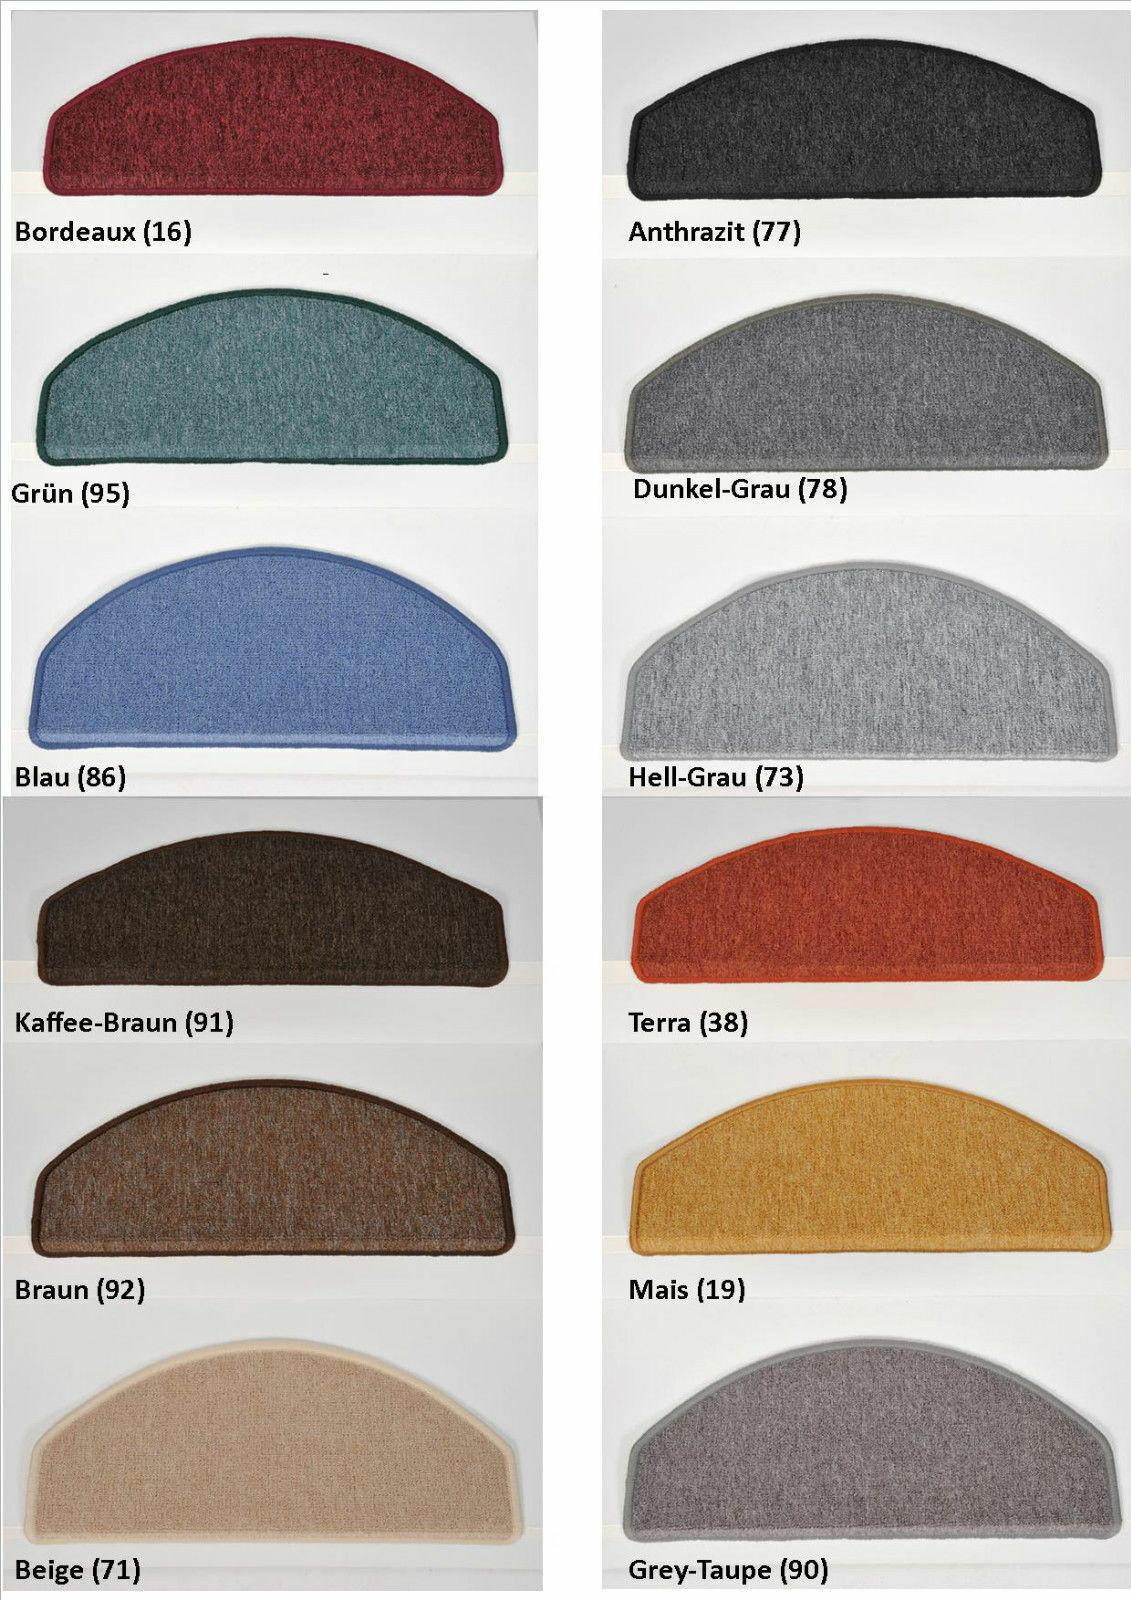 15-er Set Treppenmatten Stufenmatten Treppenschoner KLEINE oder GROßE Maße